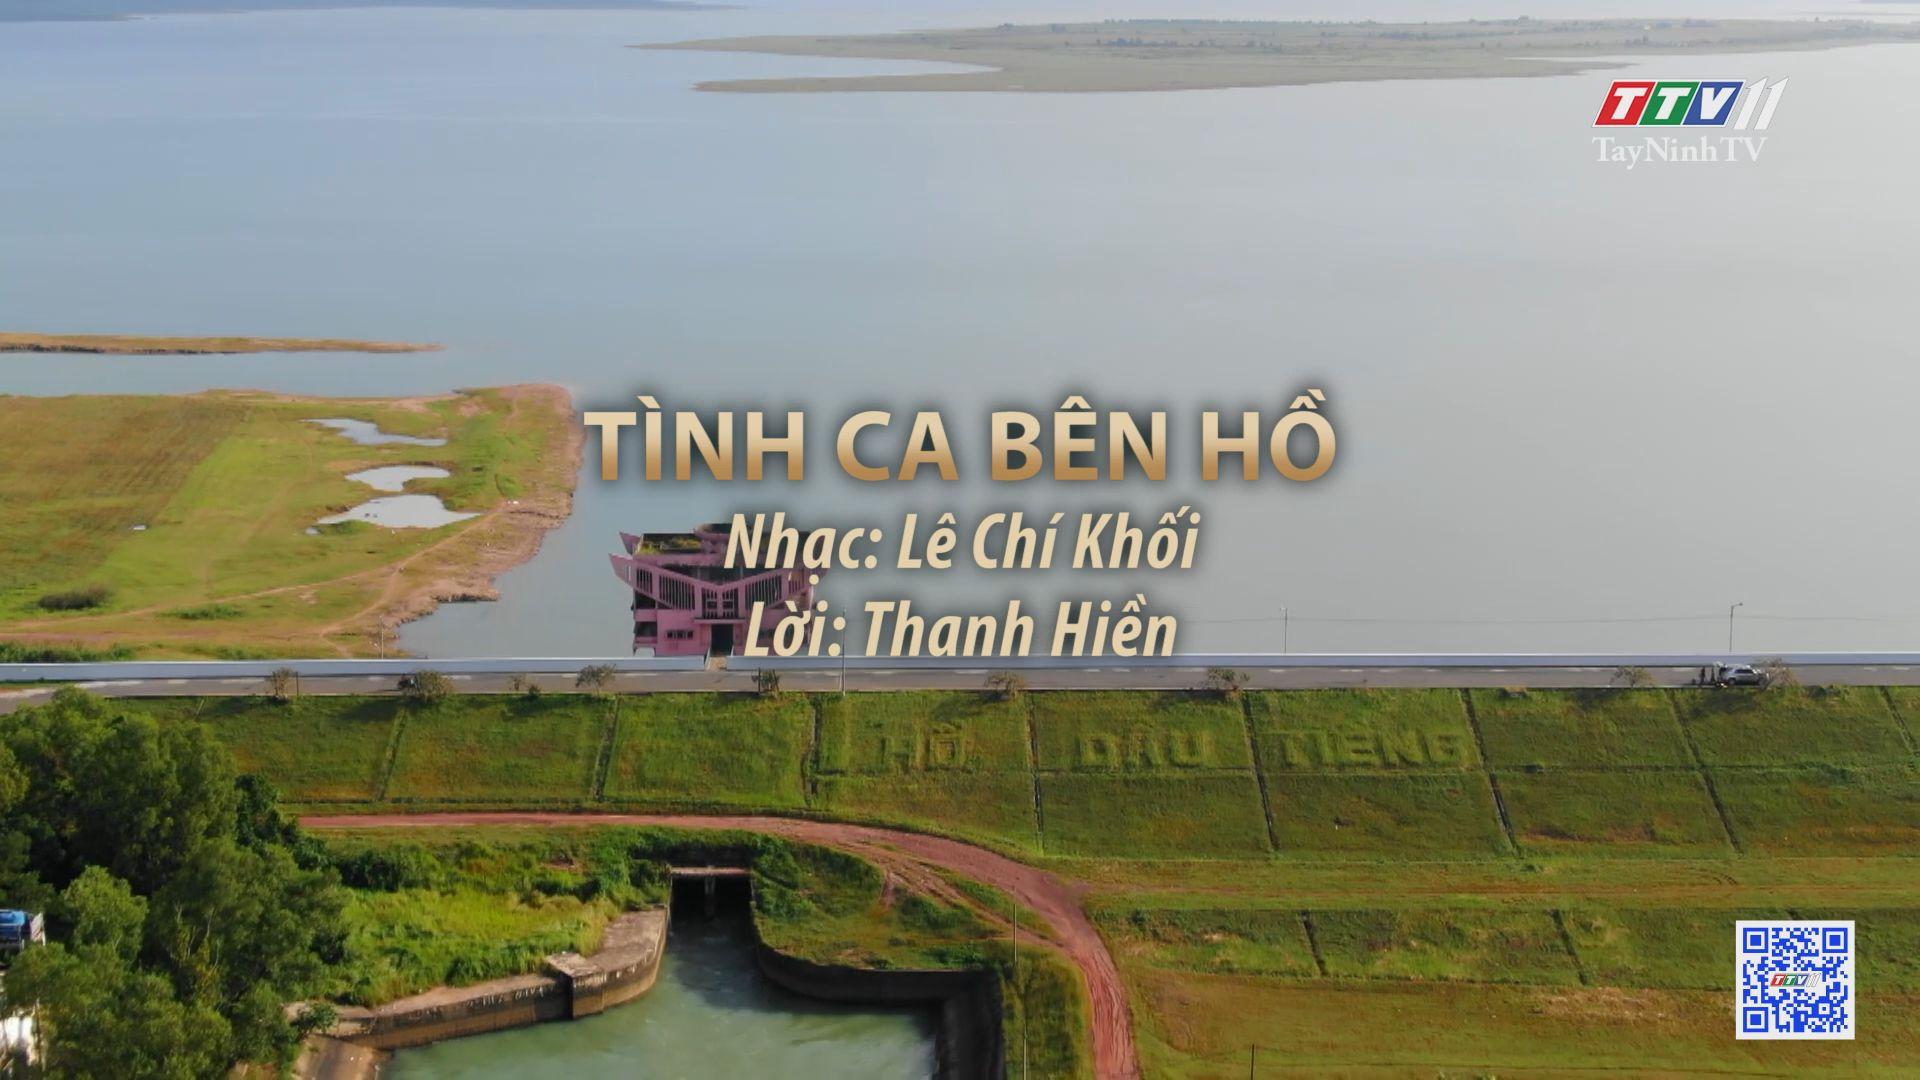 Tình ca bên hồ | Tuyển tập karaoke Tây Ninh tình yêu trong tôi | TayNinhTV